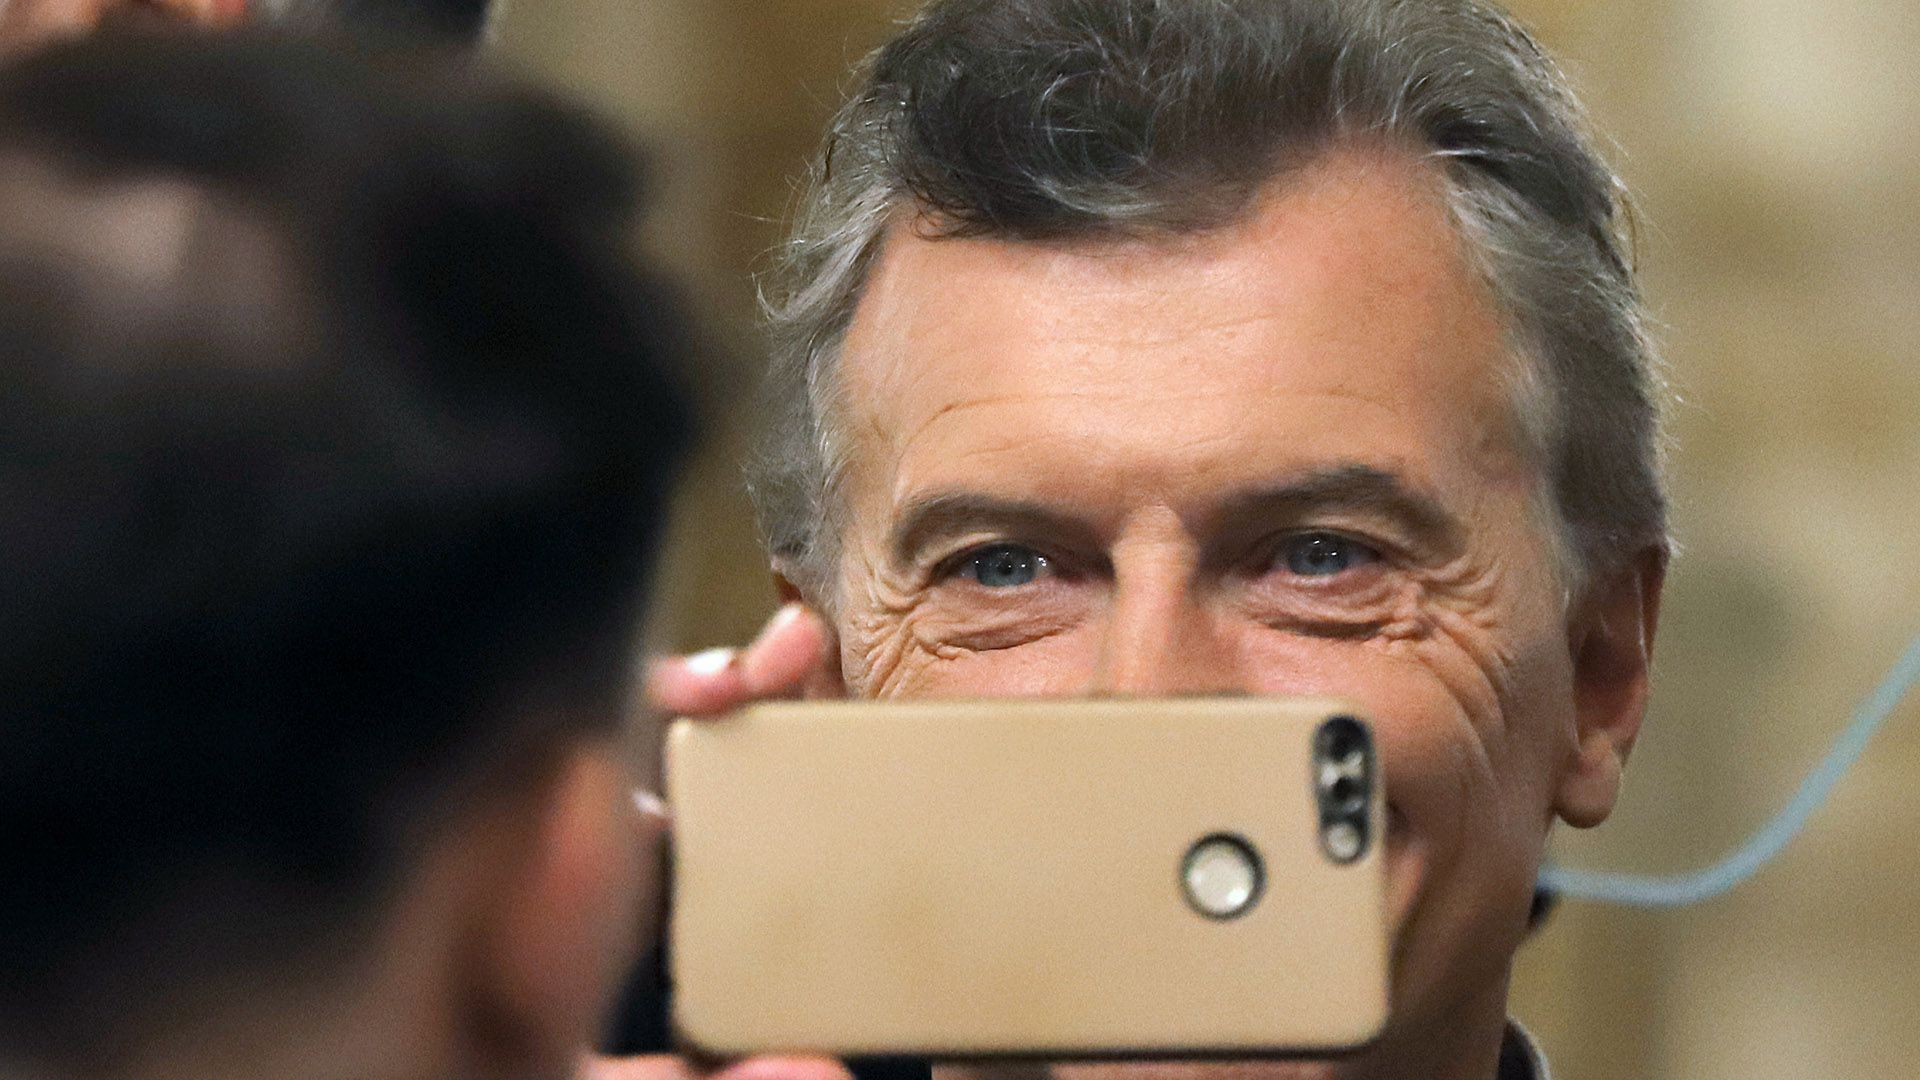 El presidente Mauricio Macri y su celular: lo usa para sacar fotos y llamar a la Casa Blanca. Foto NA: Pablo Lasansky